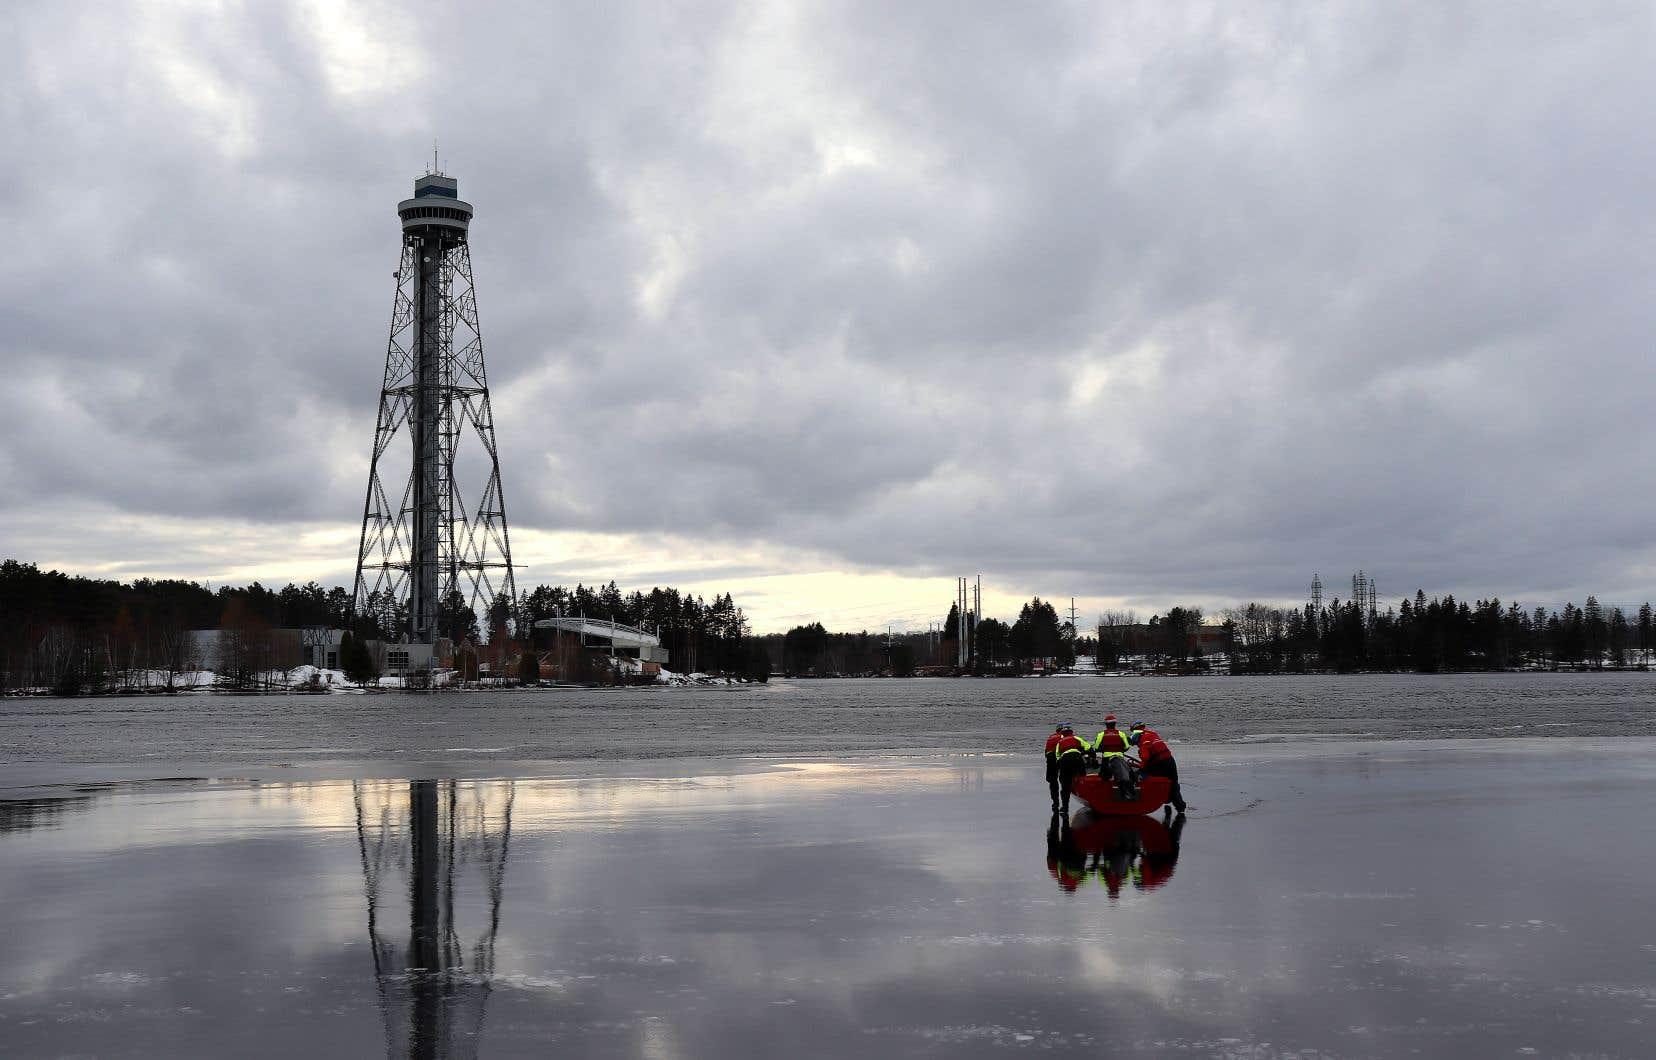 Des pompiers à l'entraînement au bord de la rivière Saint-Maurice, à Shawinigan. L'eau du lac à la Pêche et du lac des Piles, principales sources d'approvisionnement de la ville, s'y déverse.